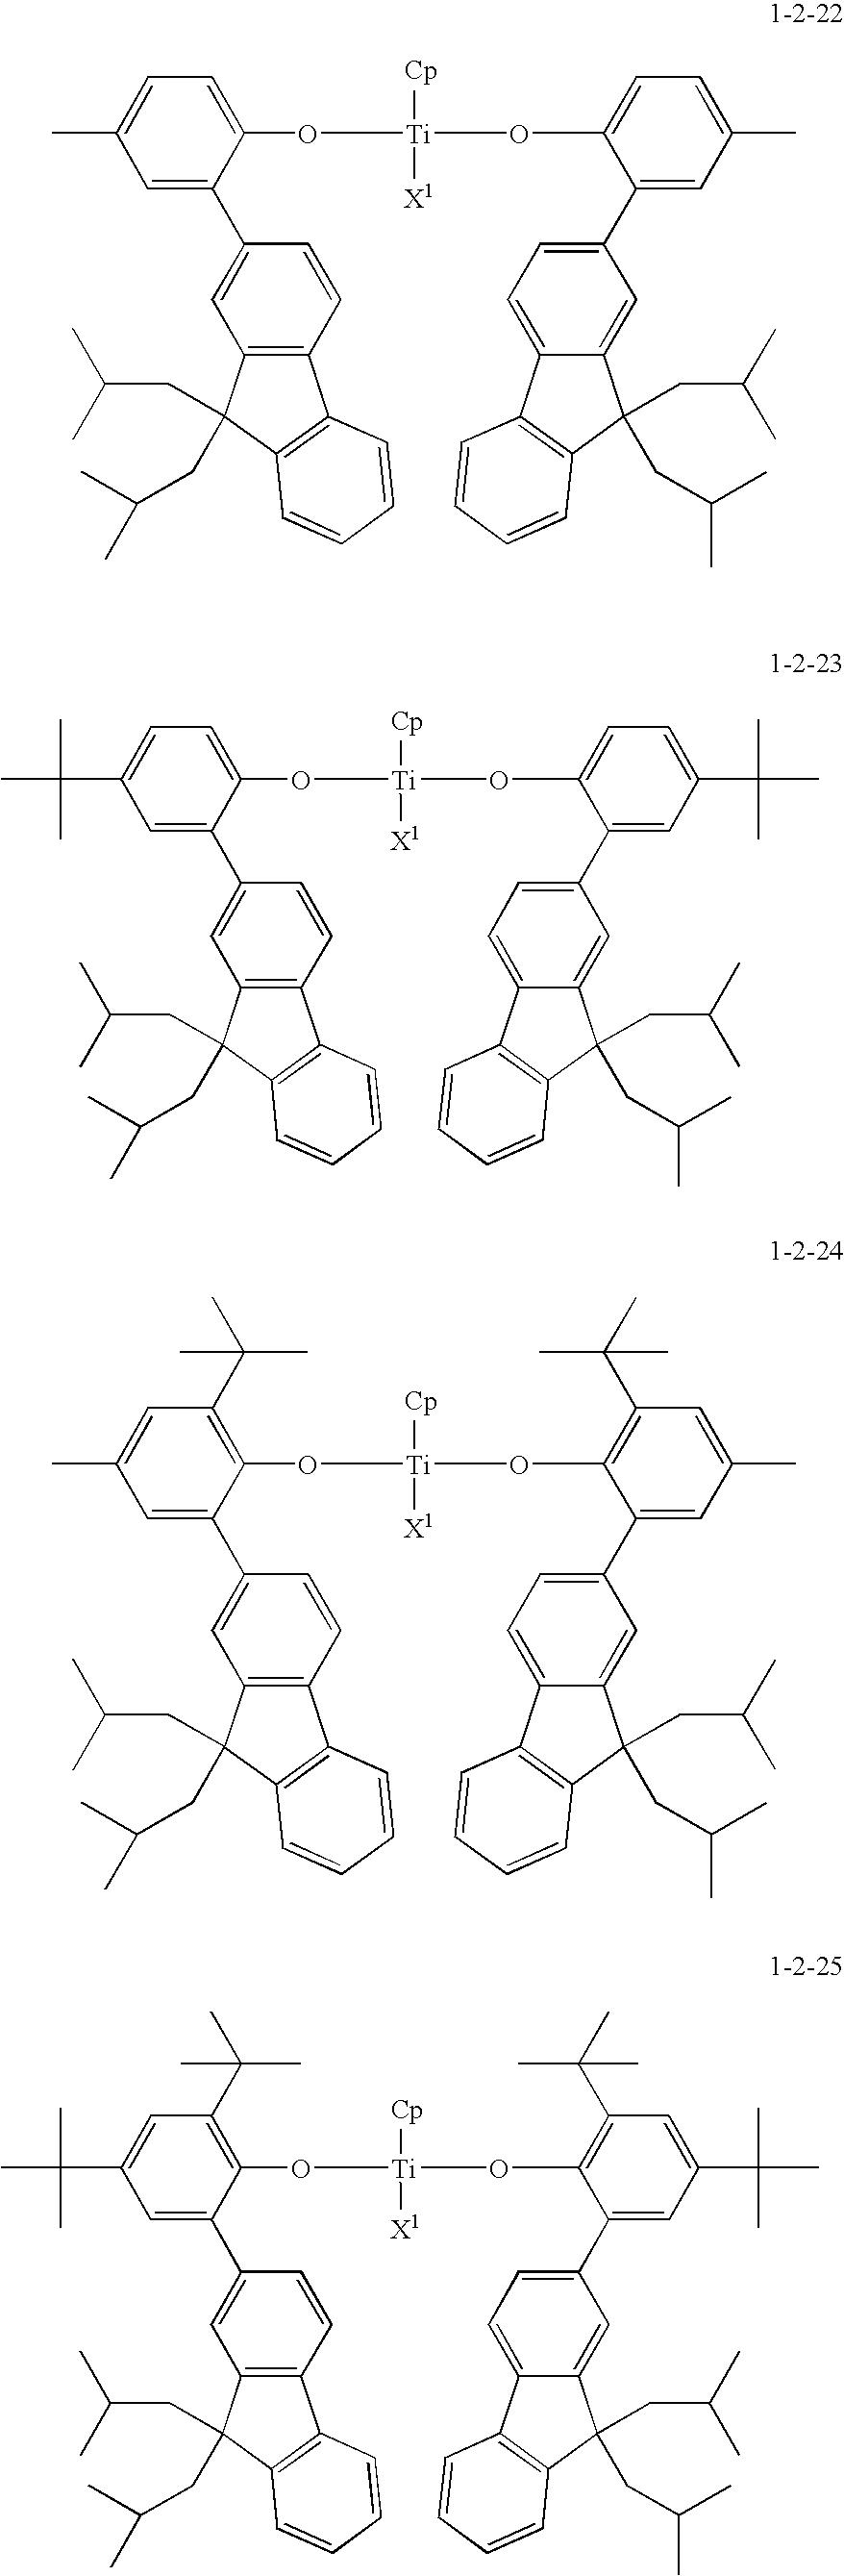 Figure US20100081776A1-20100401-C00017